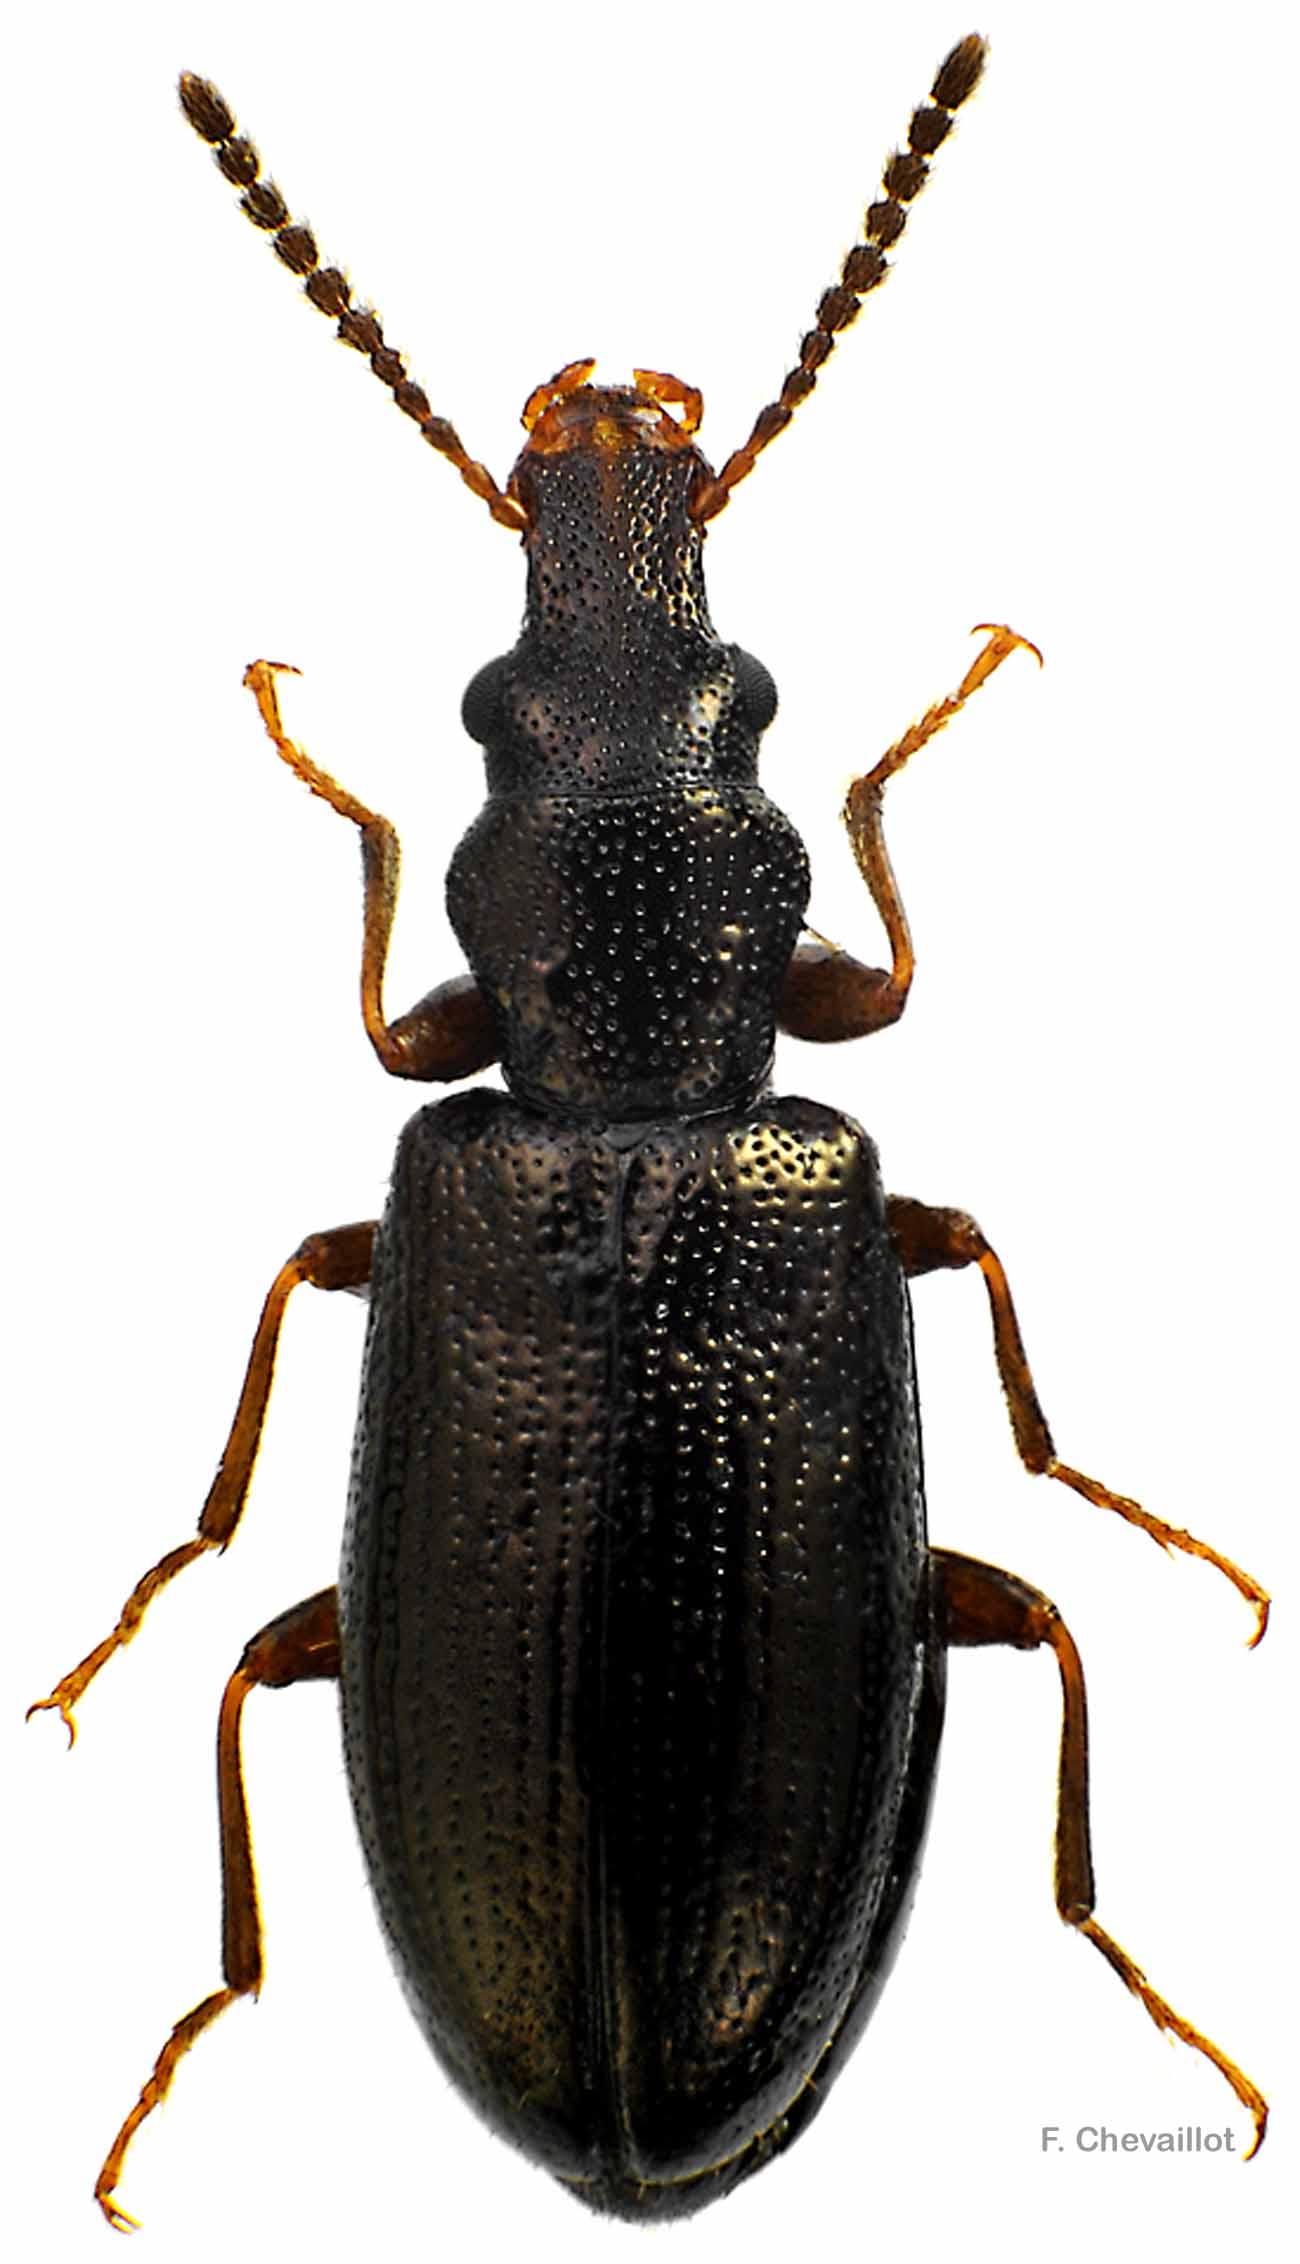 Cariderus aeneus